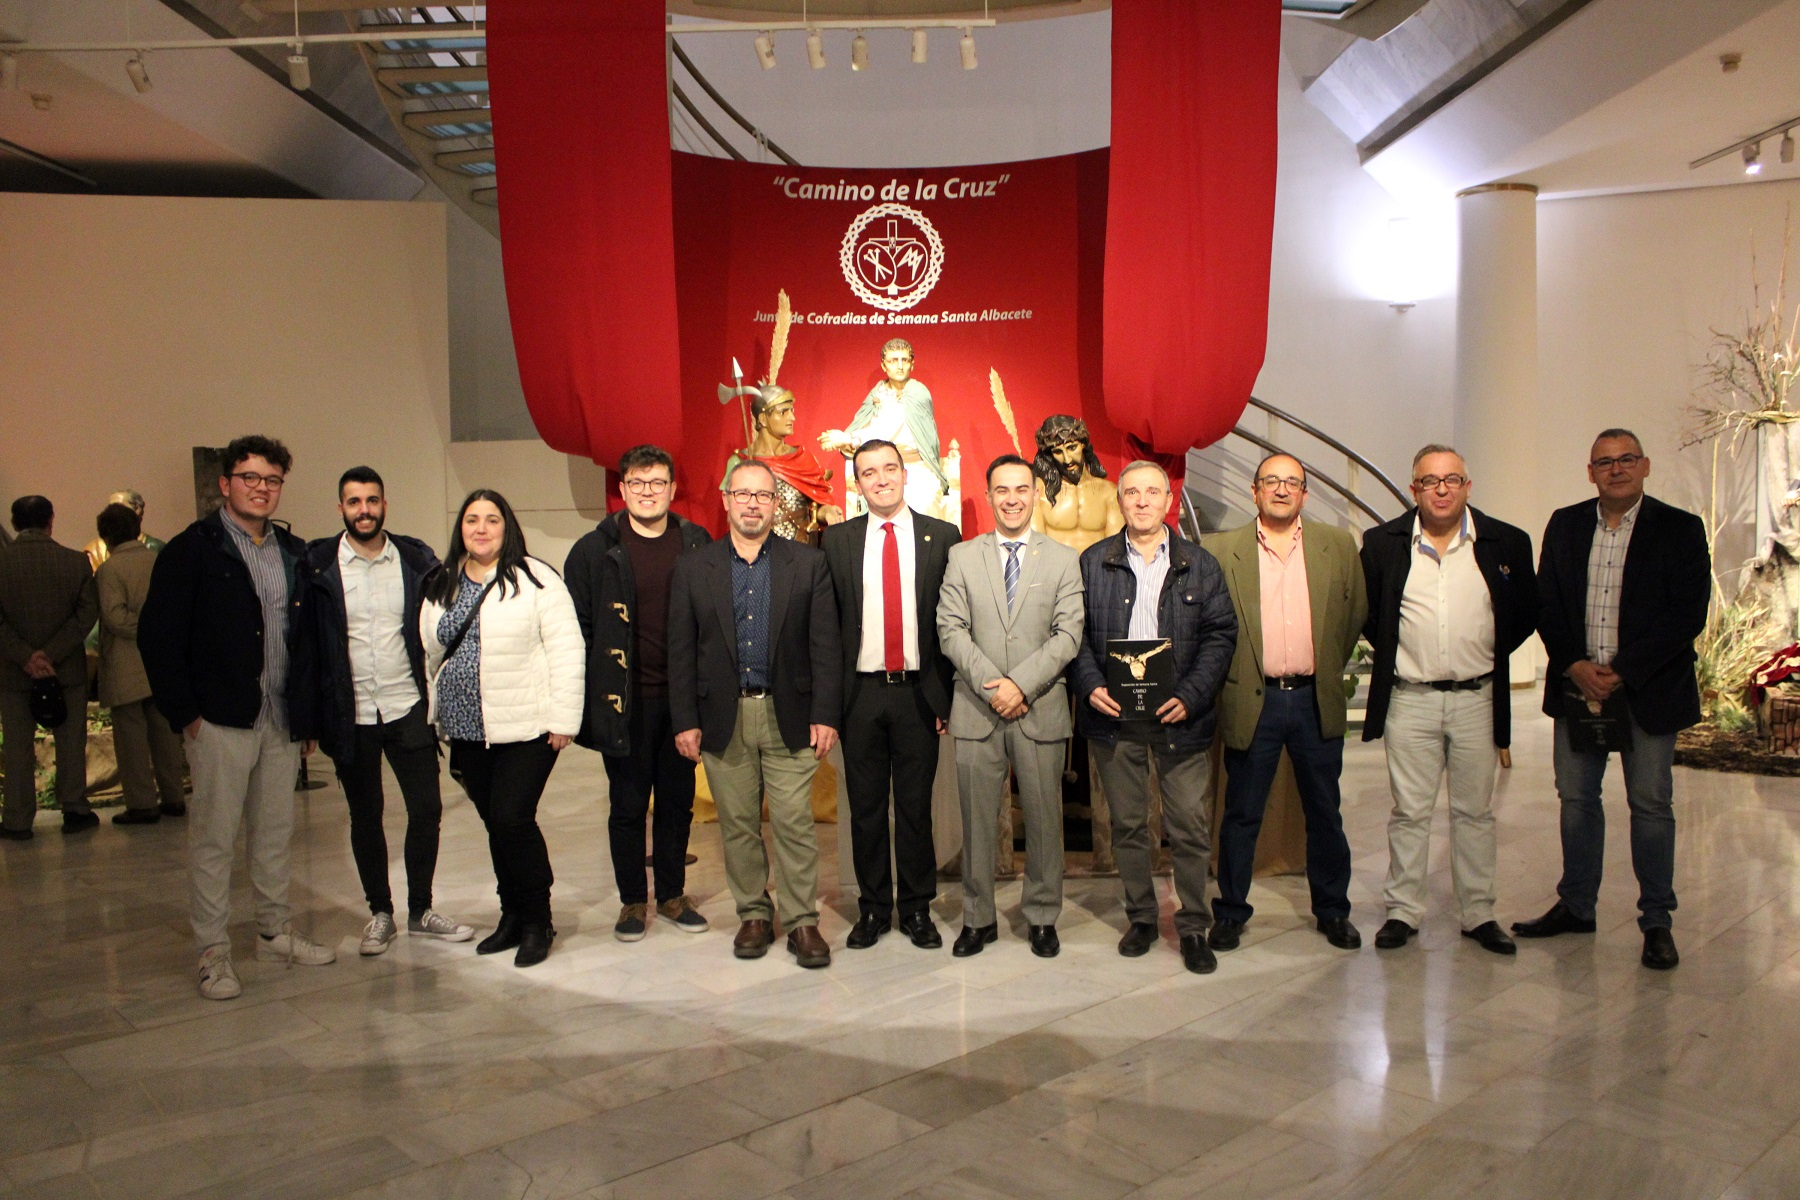 https://blog.globalcaja.es/wp-content/uploads/2020/02/El-camino-de-la-Cruz-llega-al-Museo-Municipal-de-Albacete.jpg